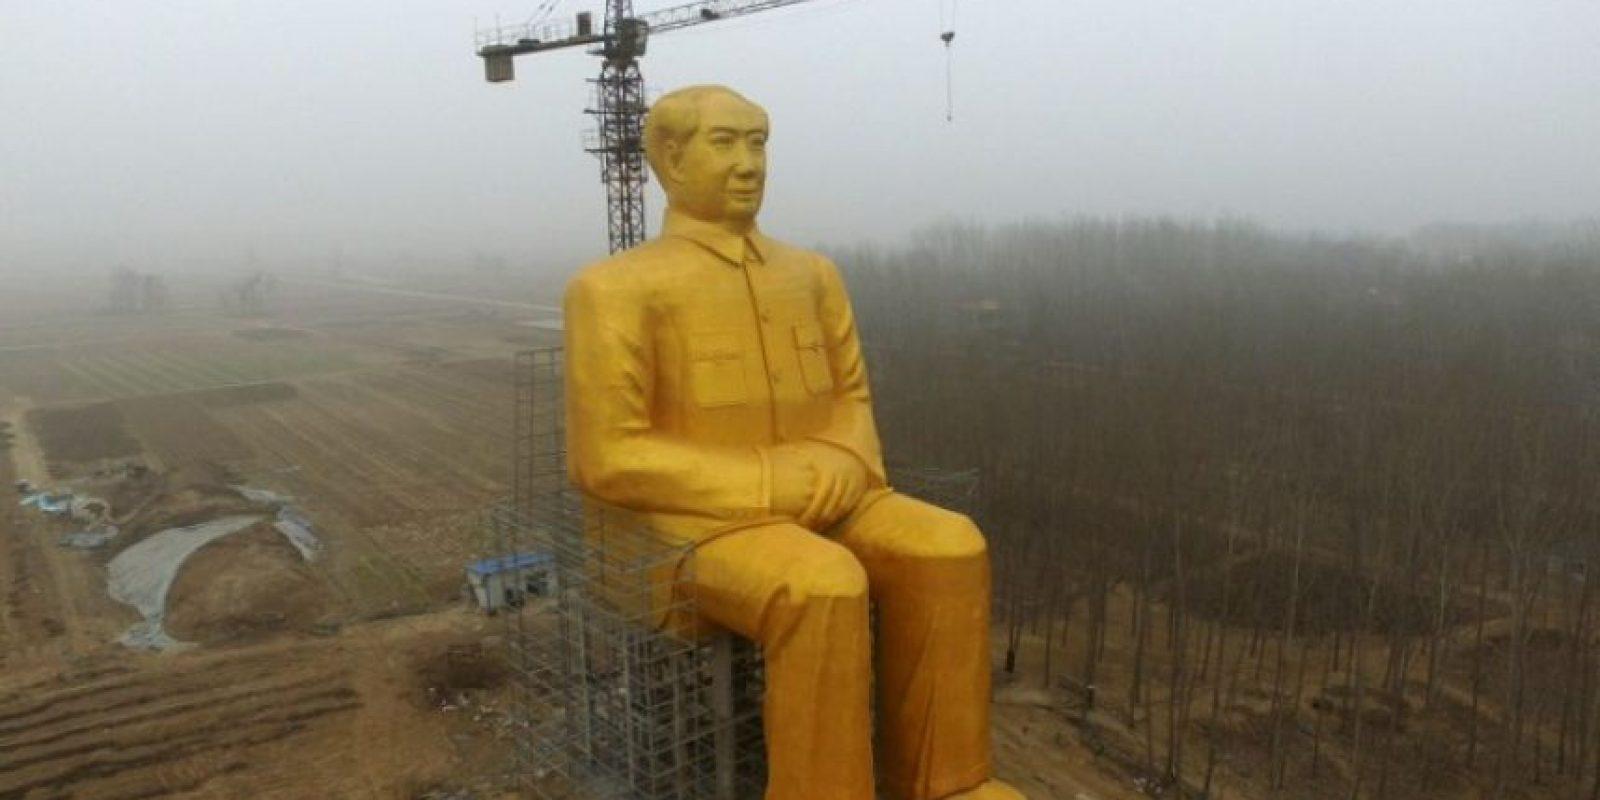 En China, apareció una estatua de Mao Zedong de 36 metros de altura. Aunque se reporta que ya fue demolida. Foto:AFP. Imagen Por: